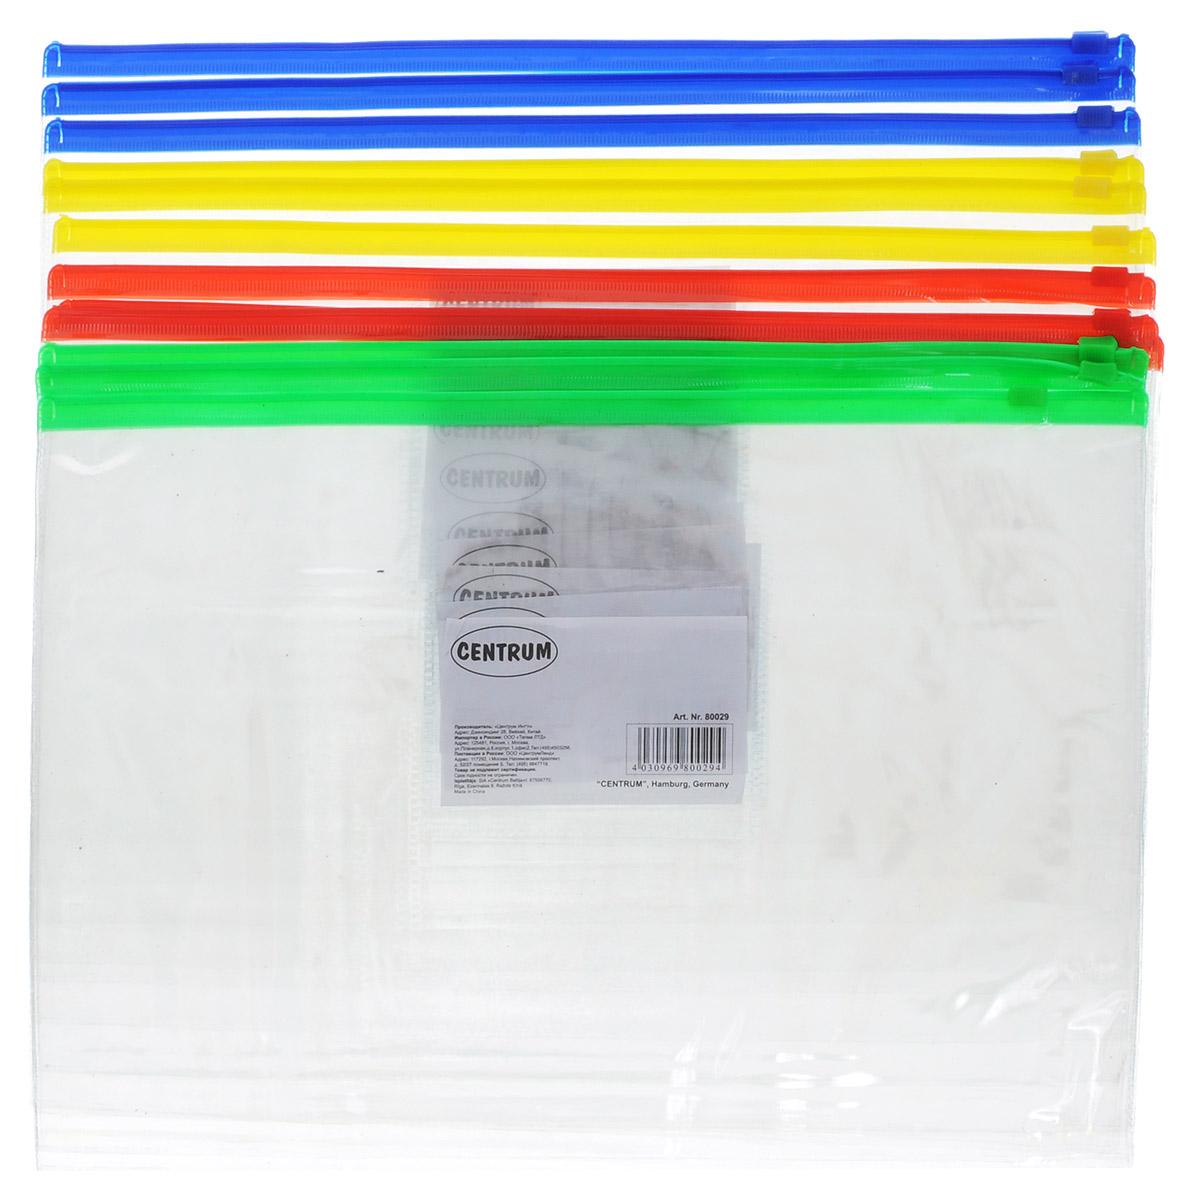 Centrum Набор папок-конвертов на молнии формат А4 12 шт80029ОНабор папок-конвертов на молнии Centrum включает в себя 12 папок разных цветов. Папка Centrum - это удобный и функциональный офисный инструмент, предназначенный для хранения и транспортировки рабочих бумаг и документов формата А4. Папка изготовлена из прозрачного глянцевого пластика, имеет практичную застежку-молнию. Папка-конверт - это незаменимый атрибут для студента, школьника, офисного работника. Такая папка надежно сохранит ваши документы и сбережет их от повреждений, пыли и влаги.